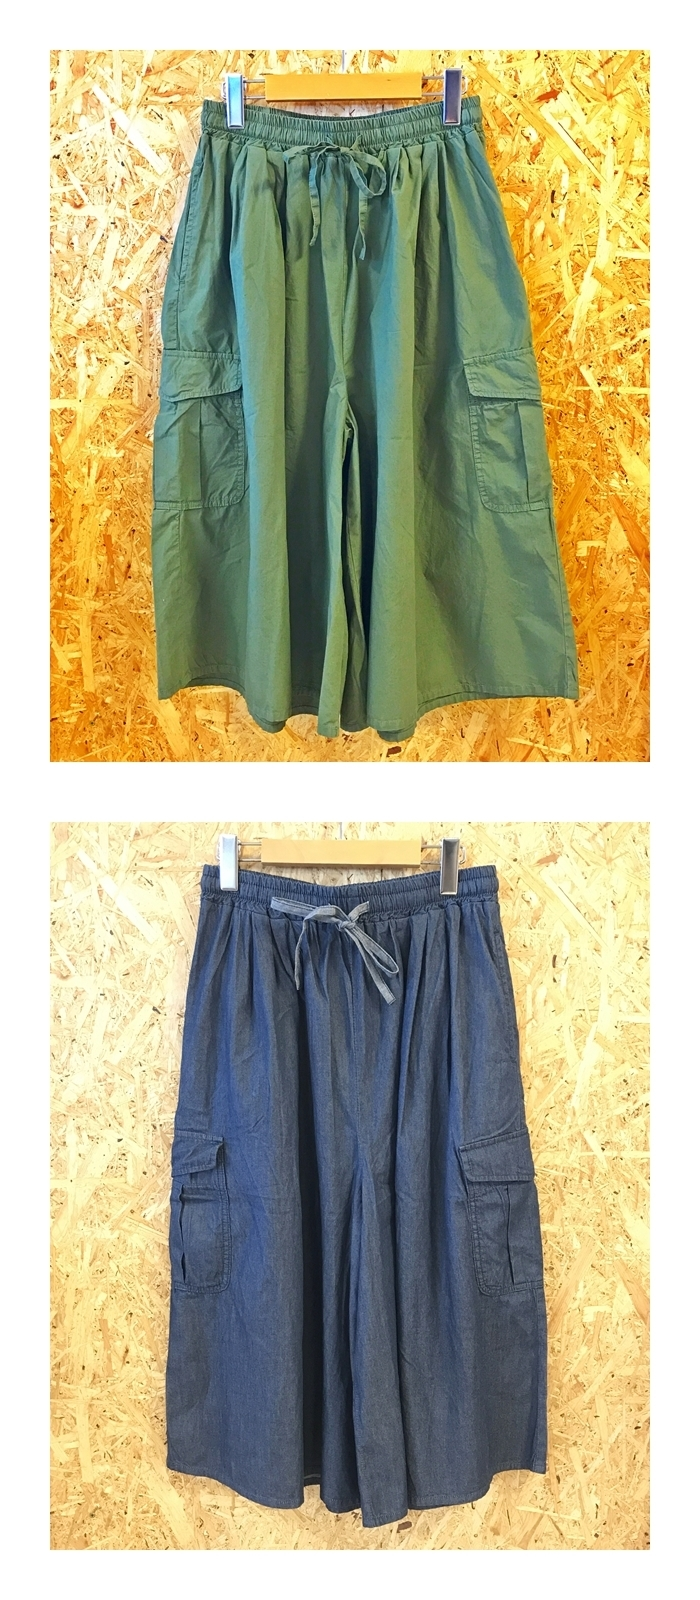 2017-01-30 カーゴガウチョ grn (6)-vert